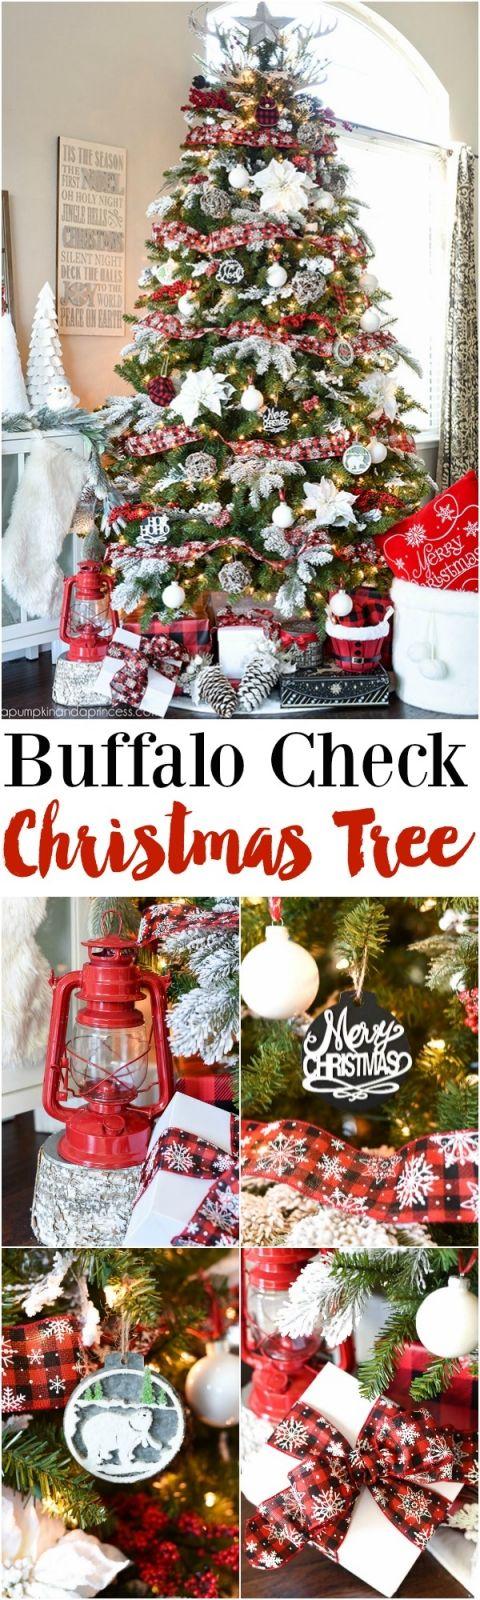 Buffalo Check Christmas Tree - Michaels Dream Tree